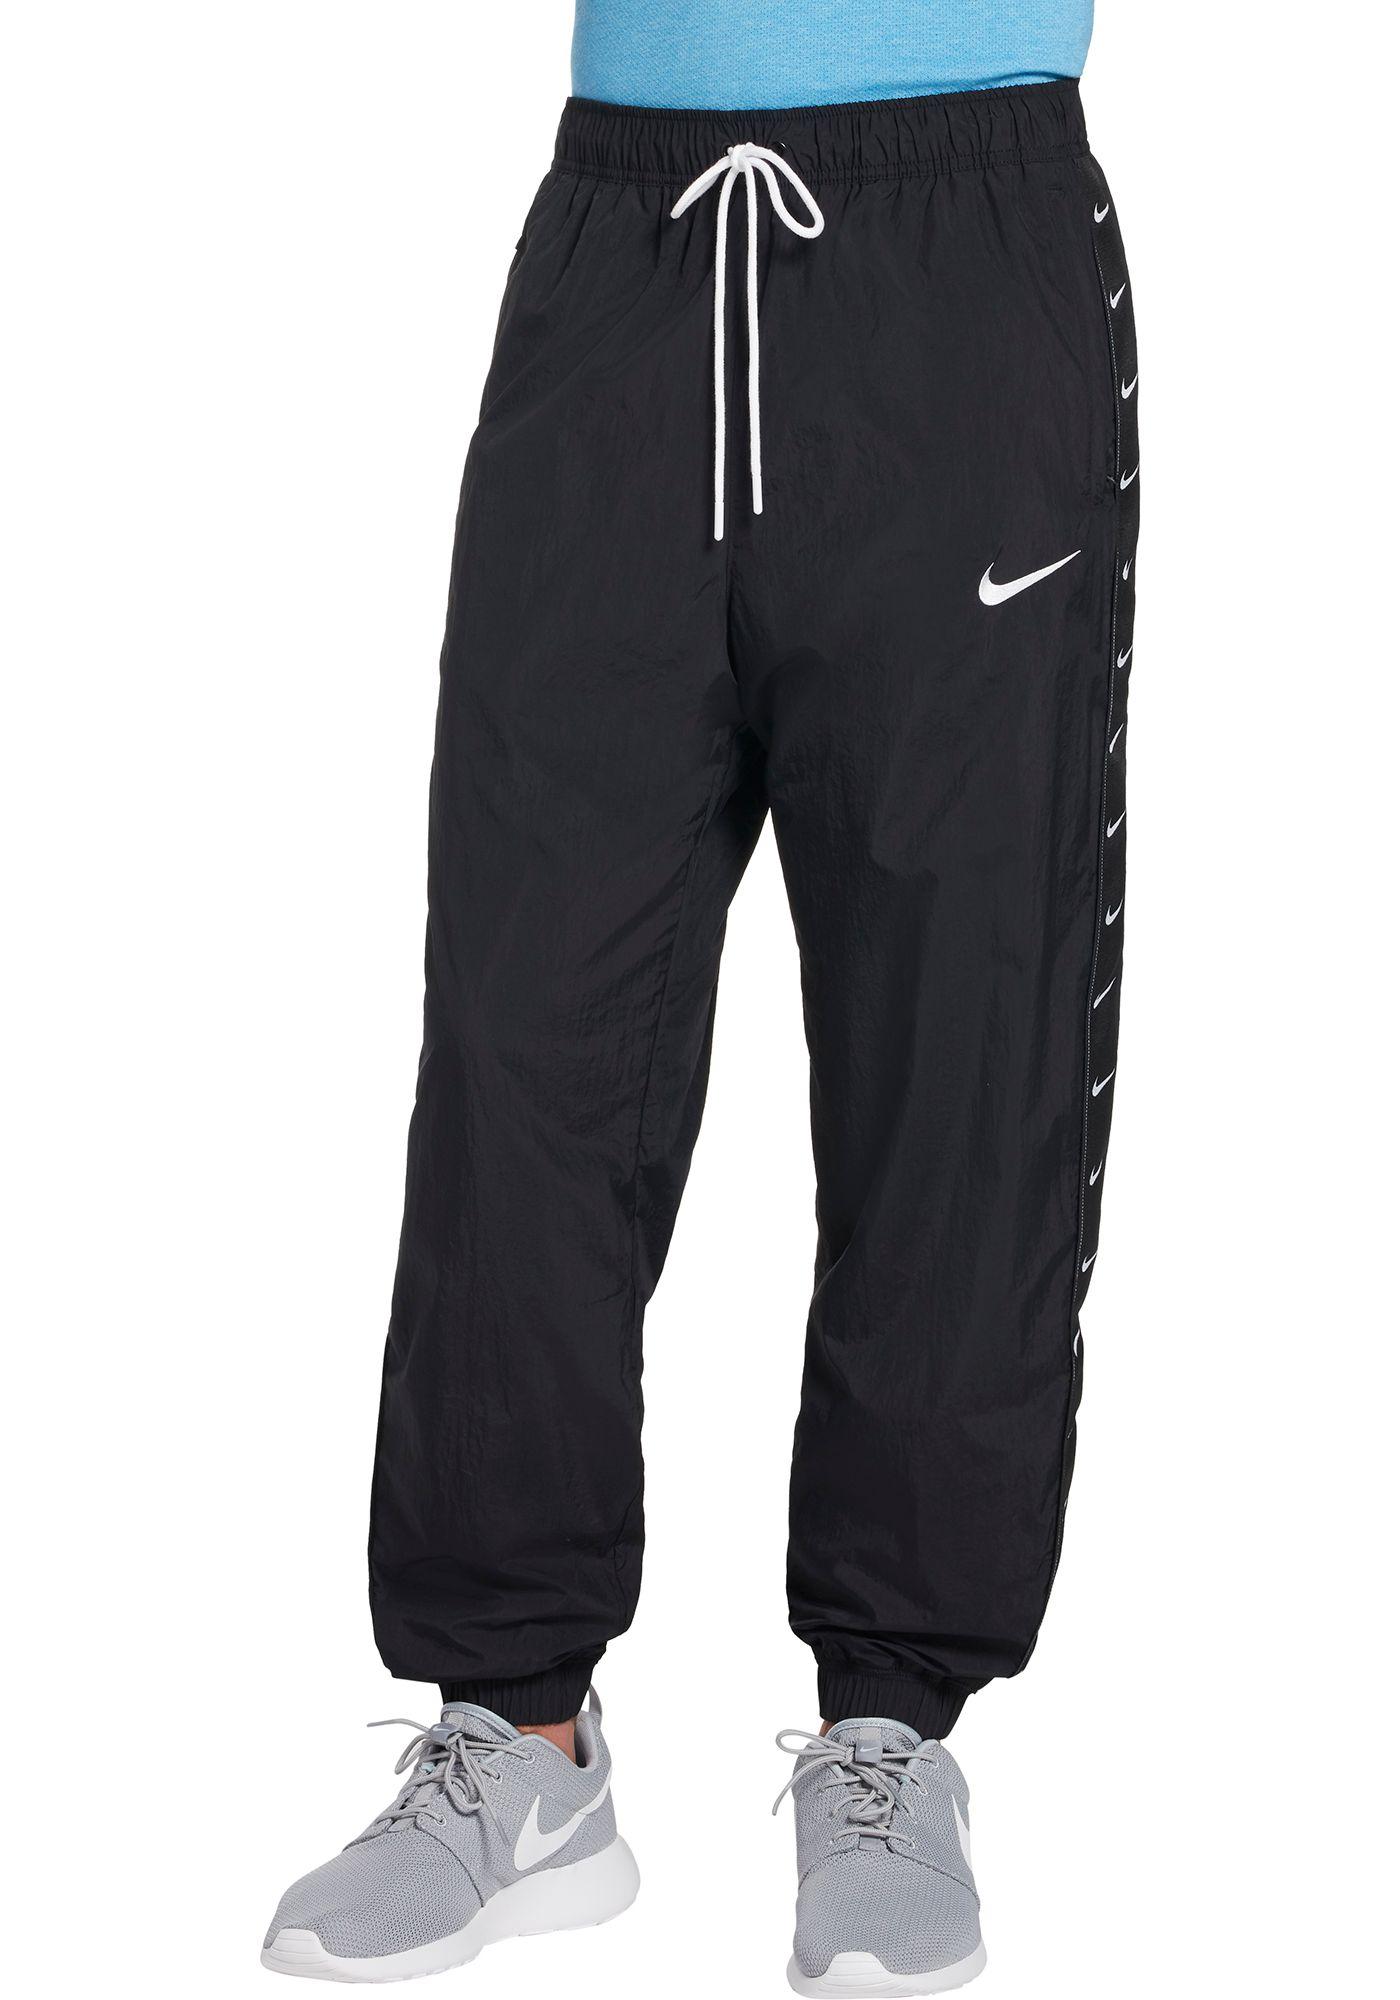 Nike Men's Sportswear Swoosh Pants